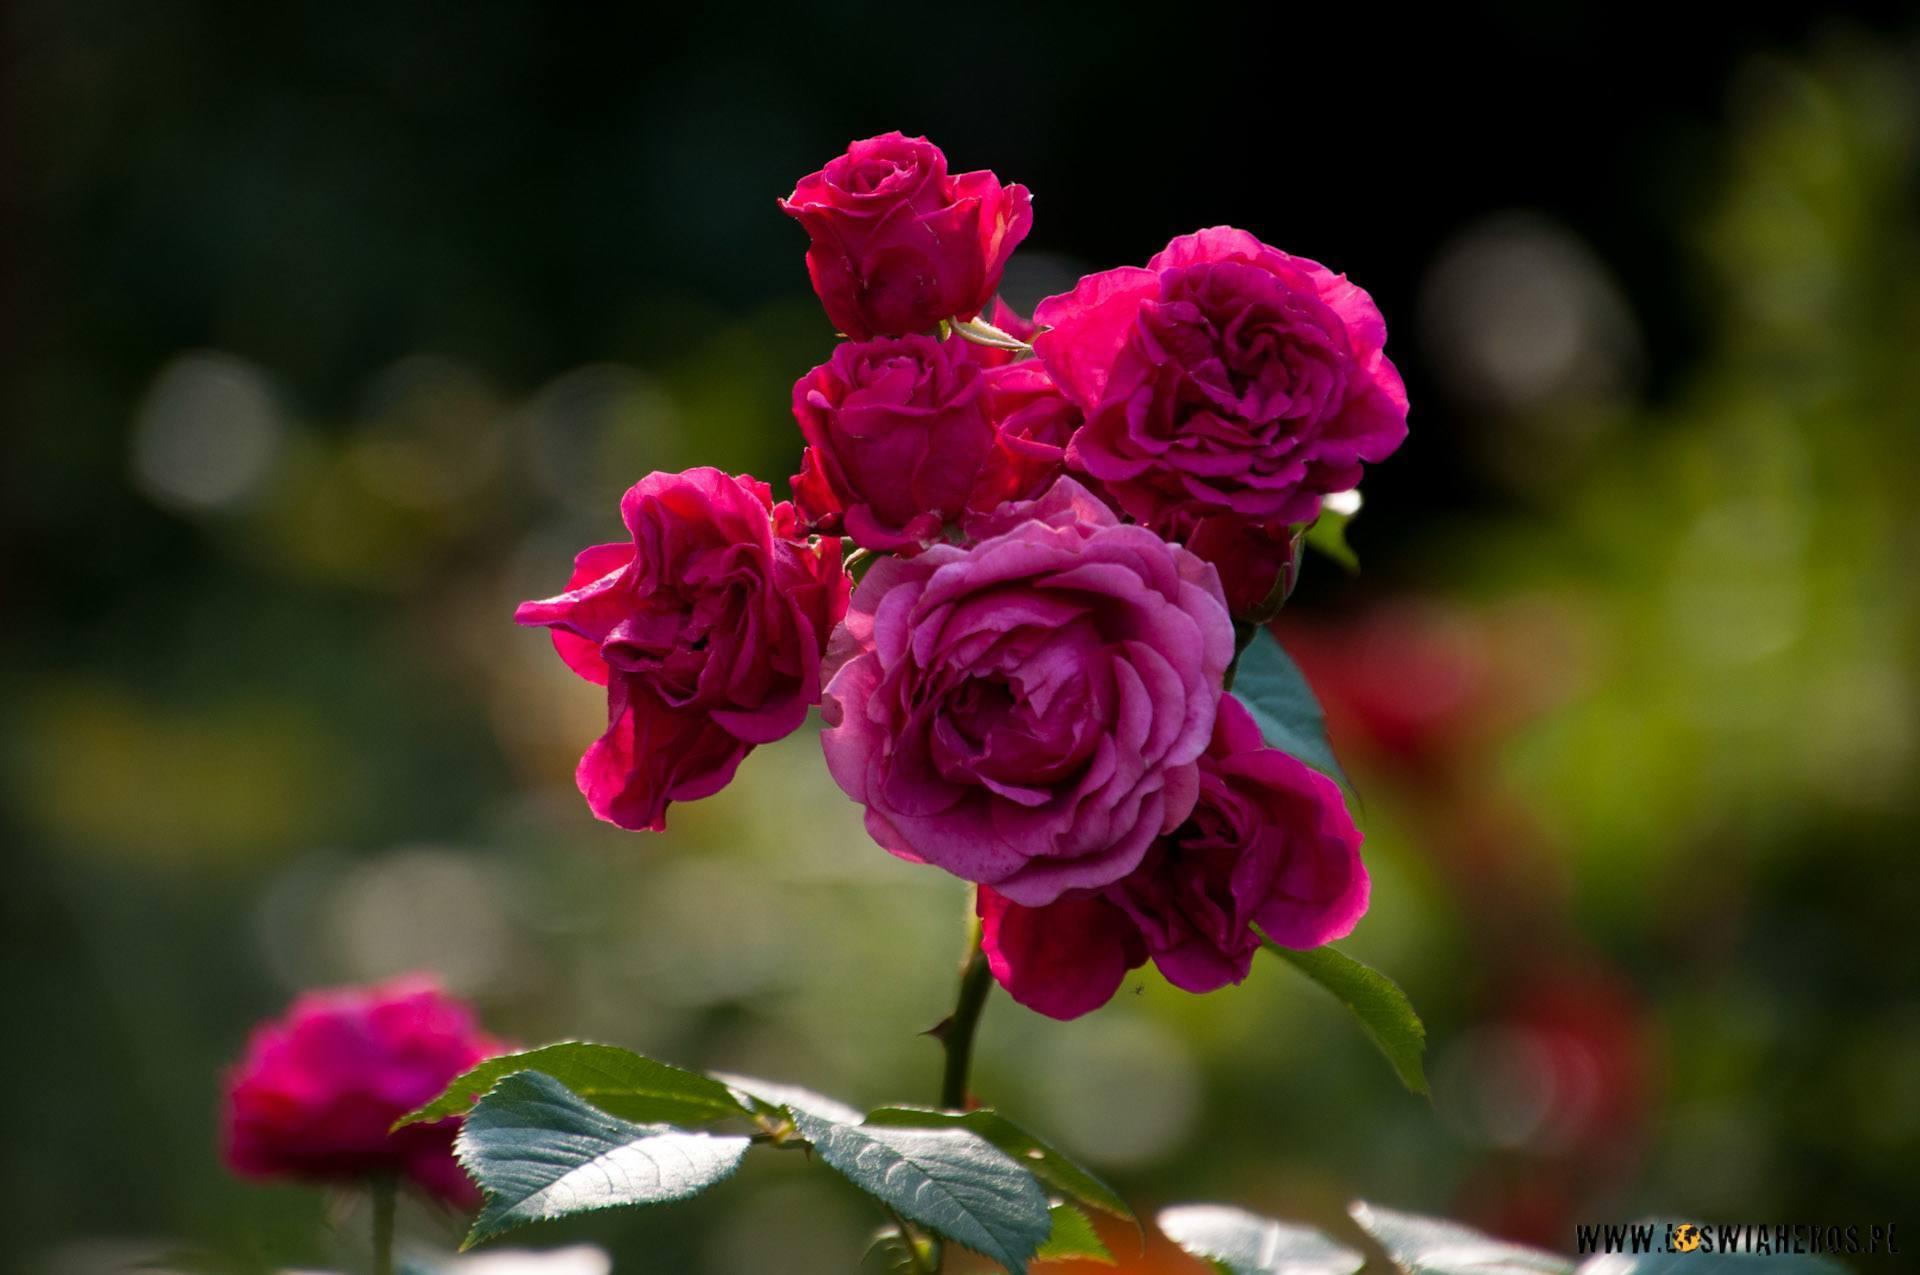 Kwiaty sfotografowane gdzieś przypadkiem [f/6.3, 270mm]